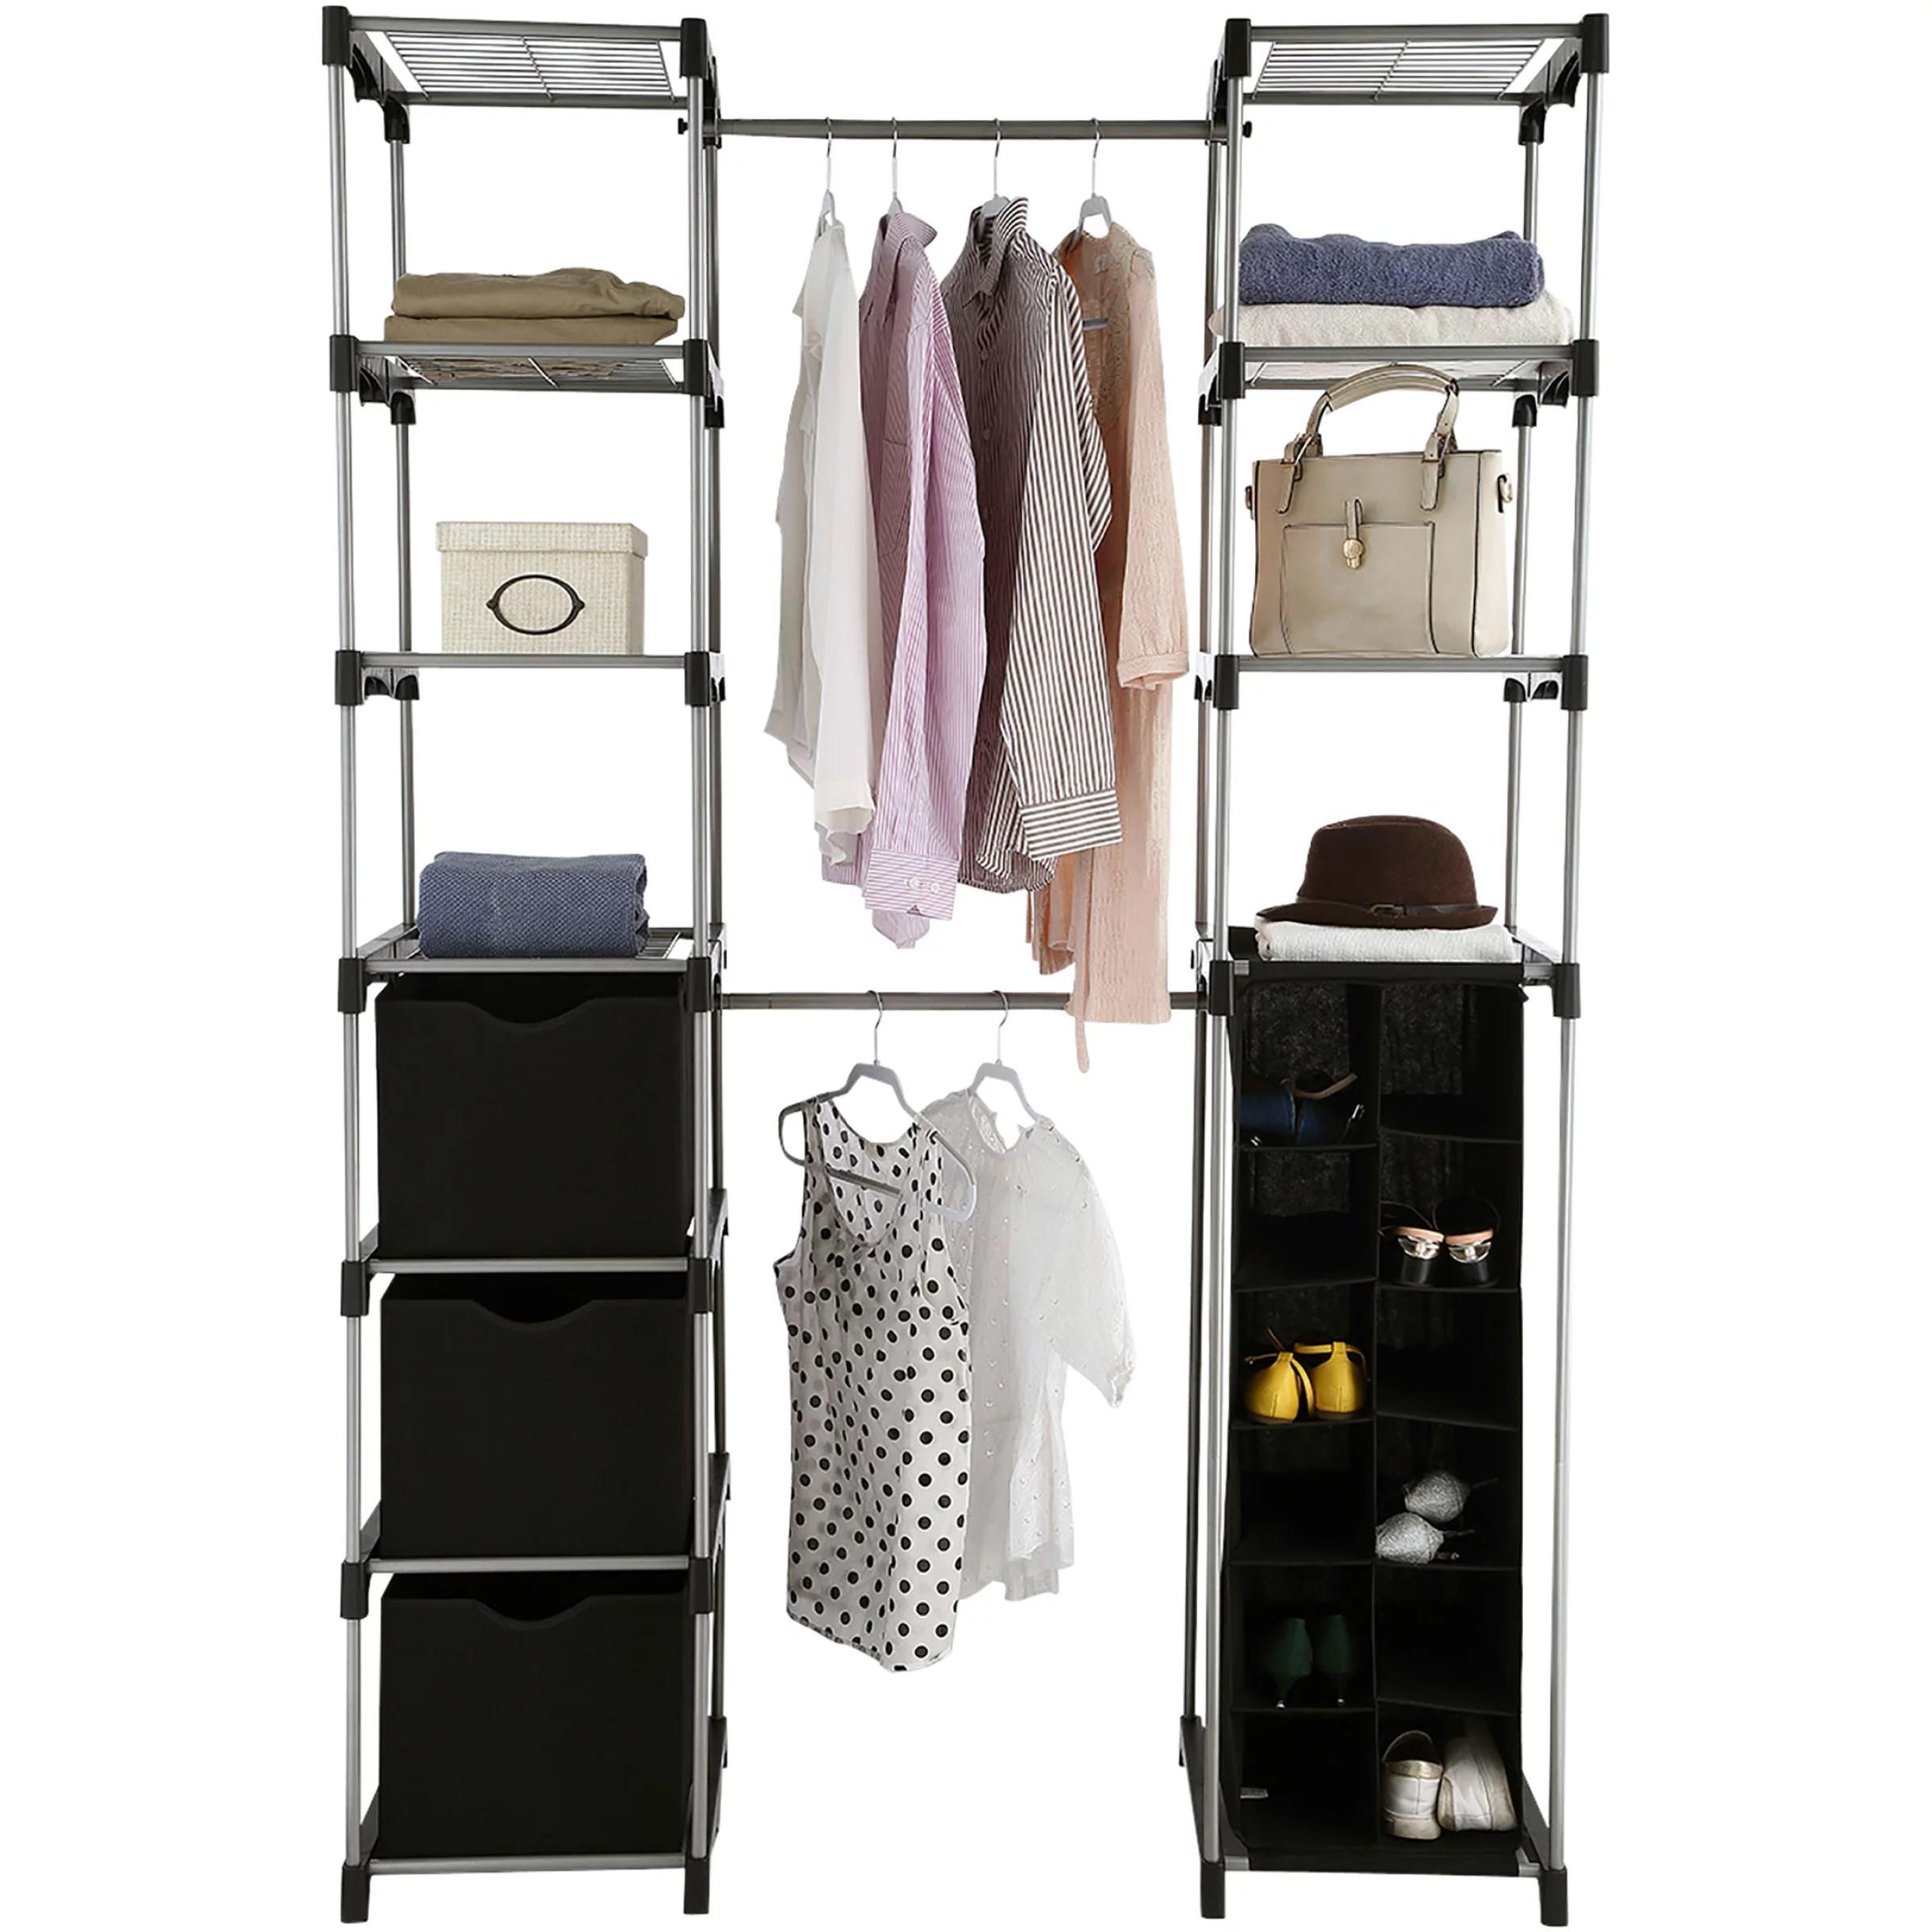 Mainstays Closet Organizer 2 Tower 9 Shelves Easy To